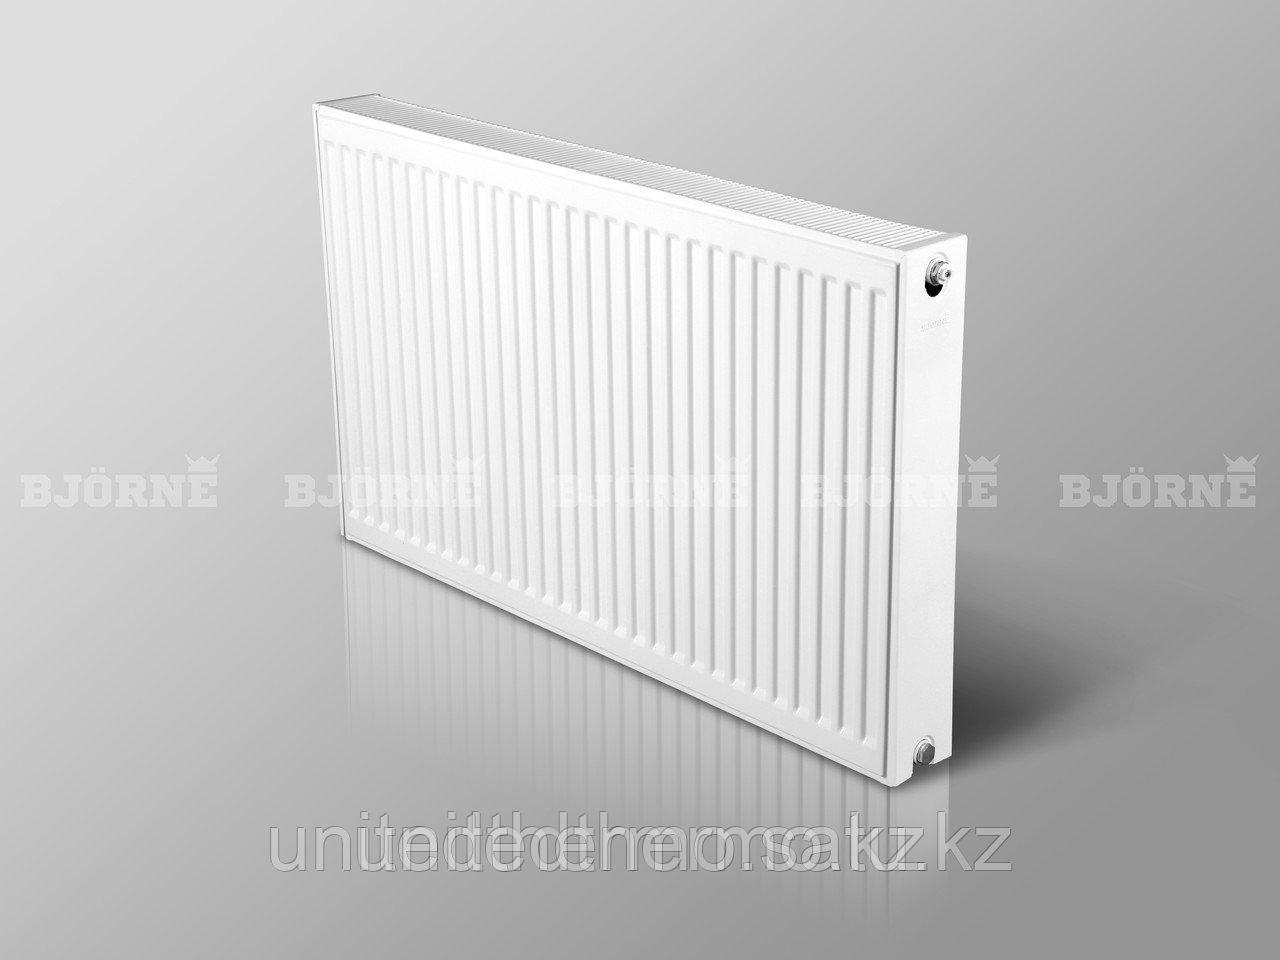 Стальной панельный радиатор Bjorne тип 22K H300мм*L500мм боковое подключение